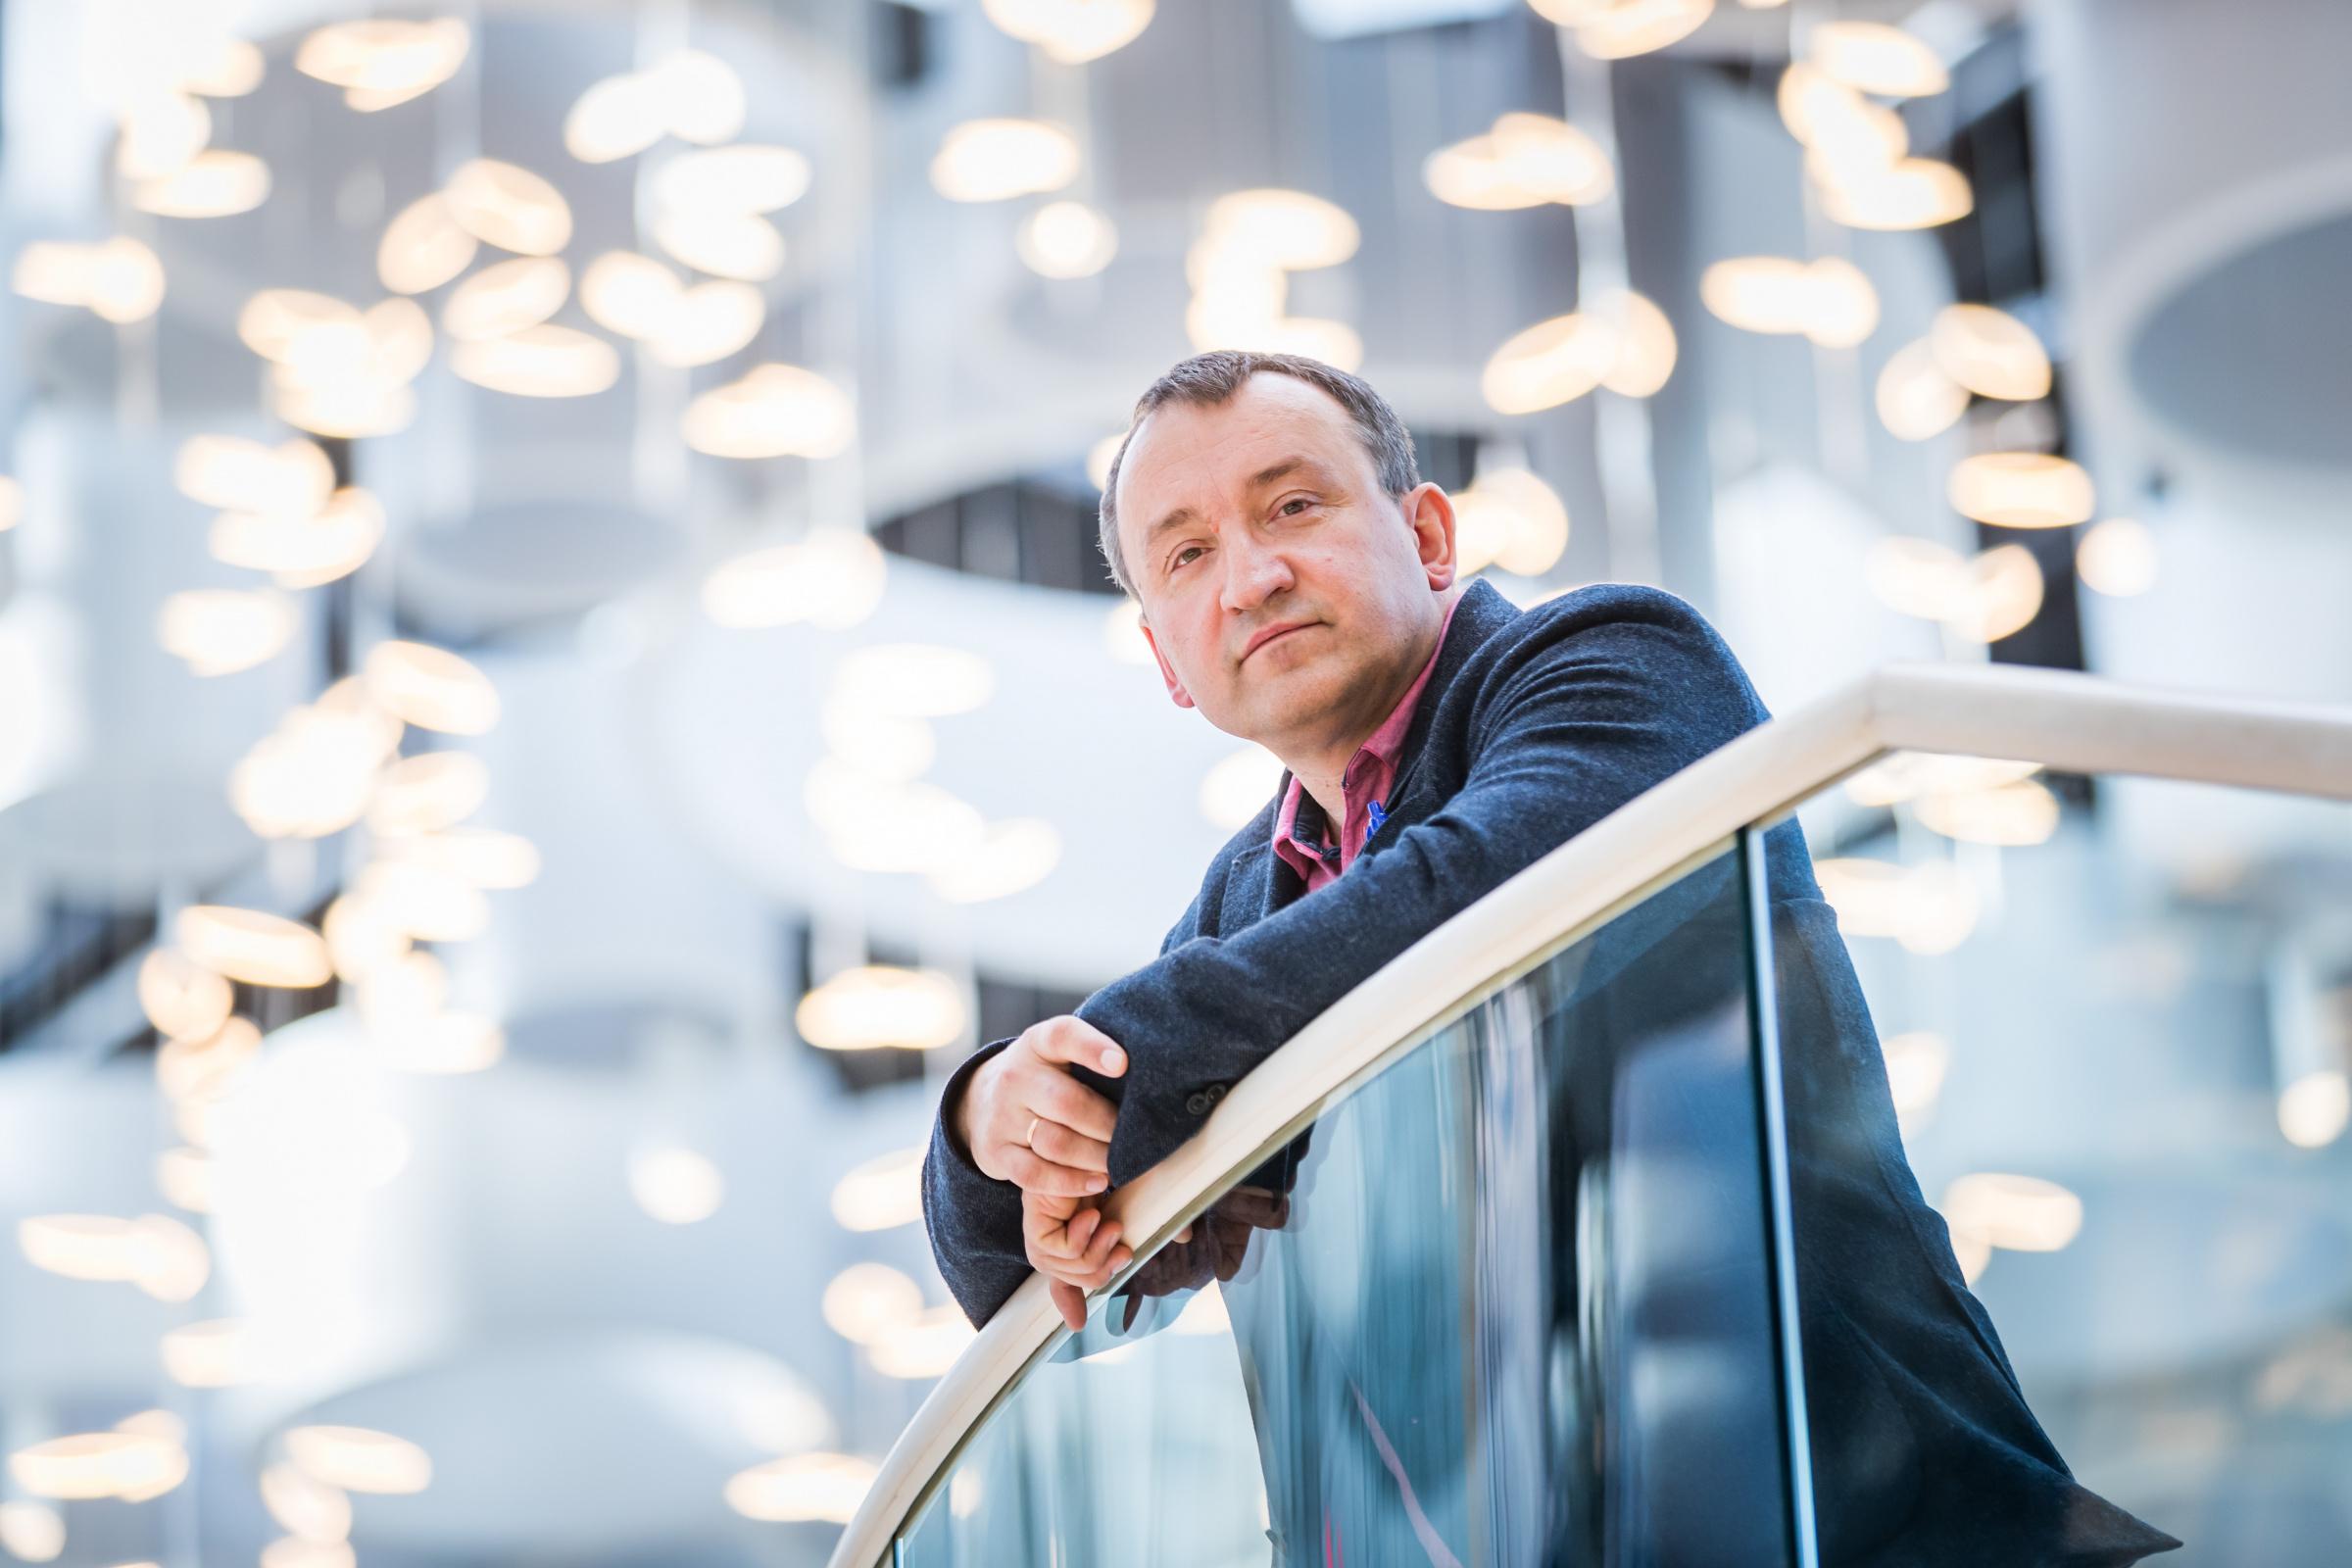 Ülemiste keskuse juht Guido Pärnits. FOTO: MIHKEL MARIPUU/POSTIMEES/SCANPIX